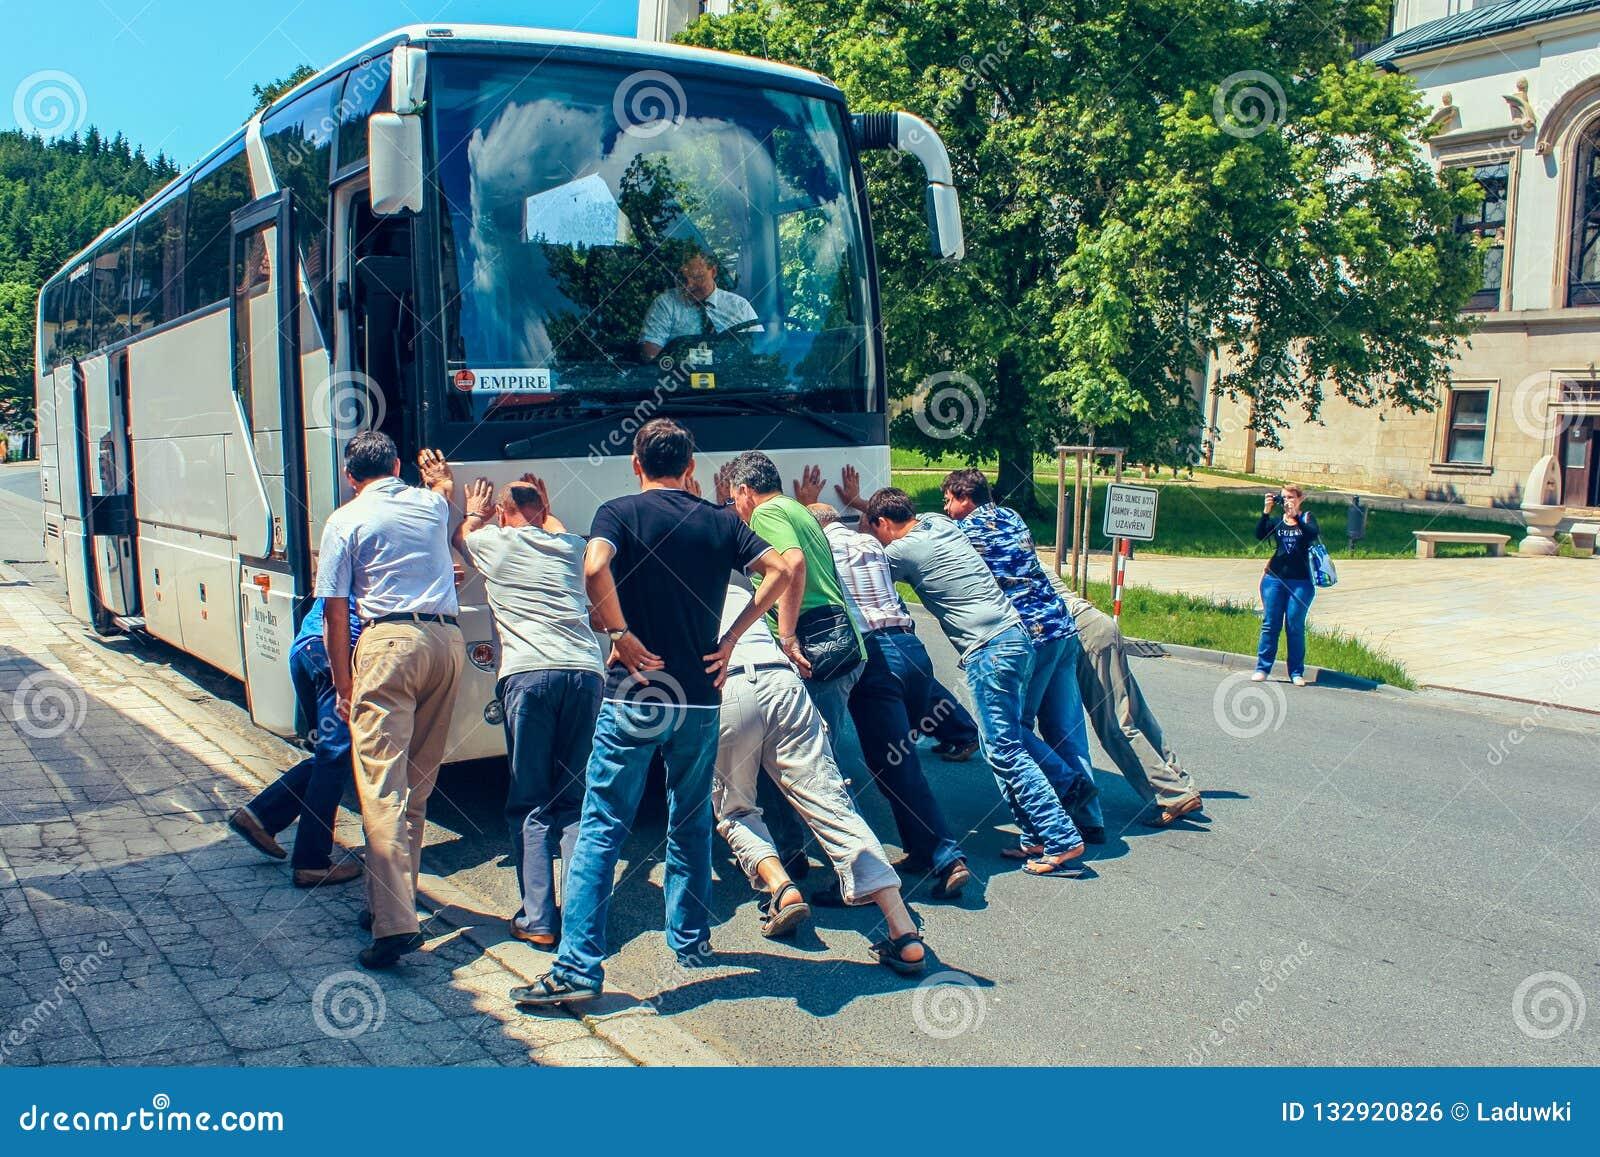 The broken bus